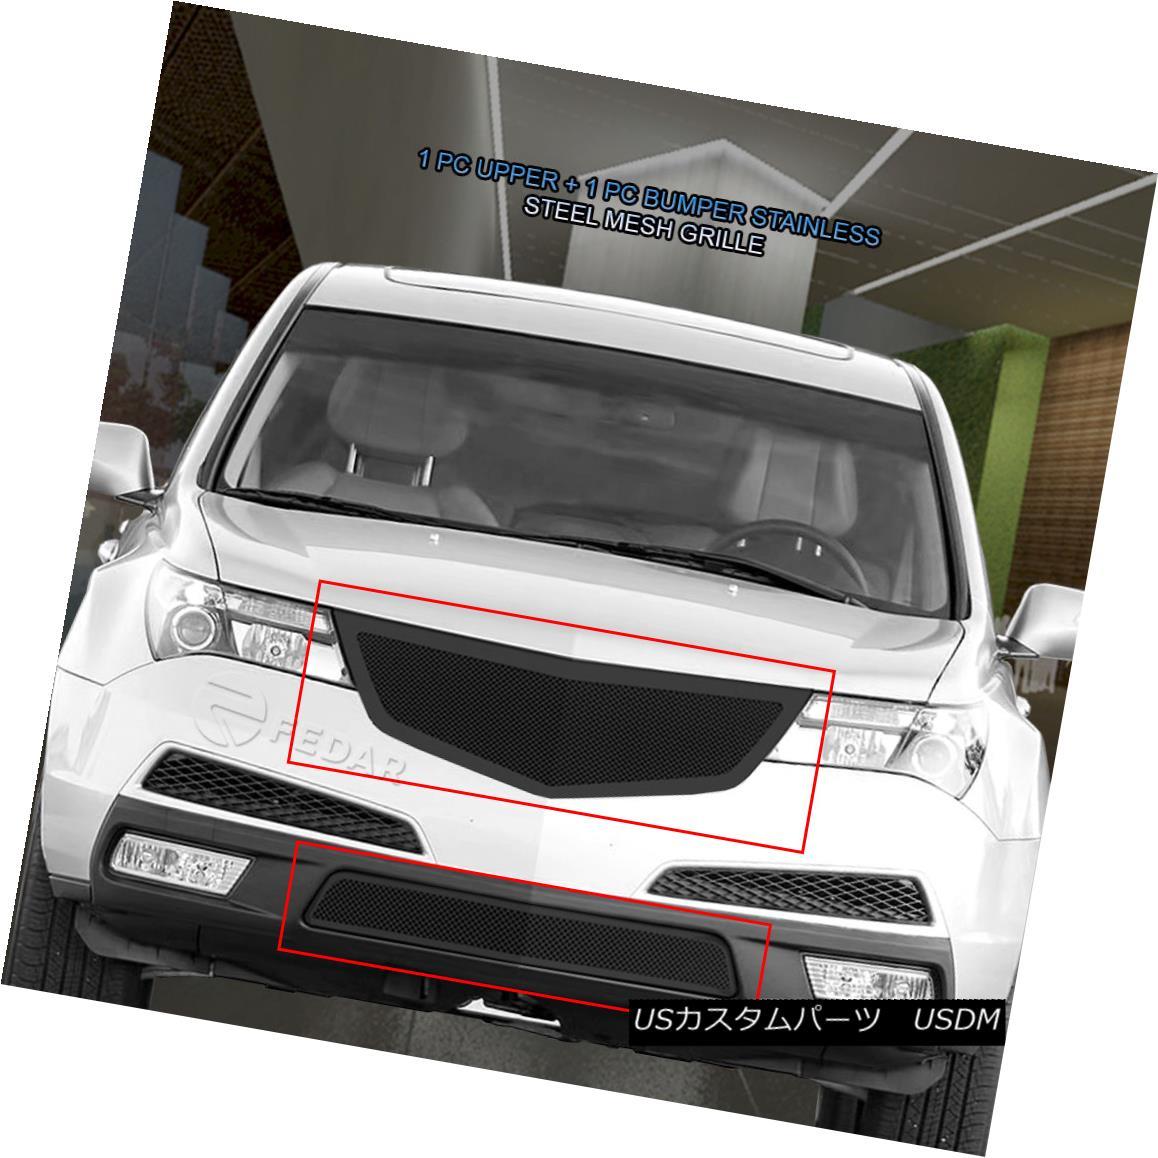 グリル Fedar Fits 2010-2013 Acura MDX Black Replacement Wire Mesh Grille Combo Insert Fedarは2010-2013年に合うAcura MDX黒の交換ワイヤメッシュグリルコンボインサート